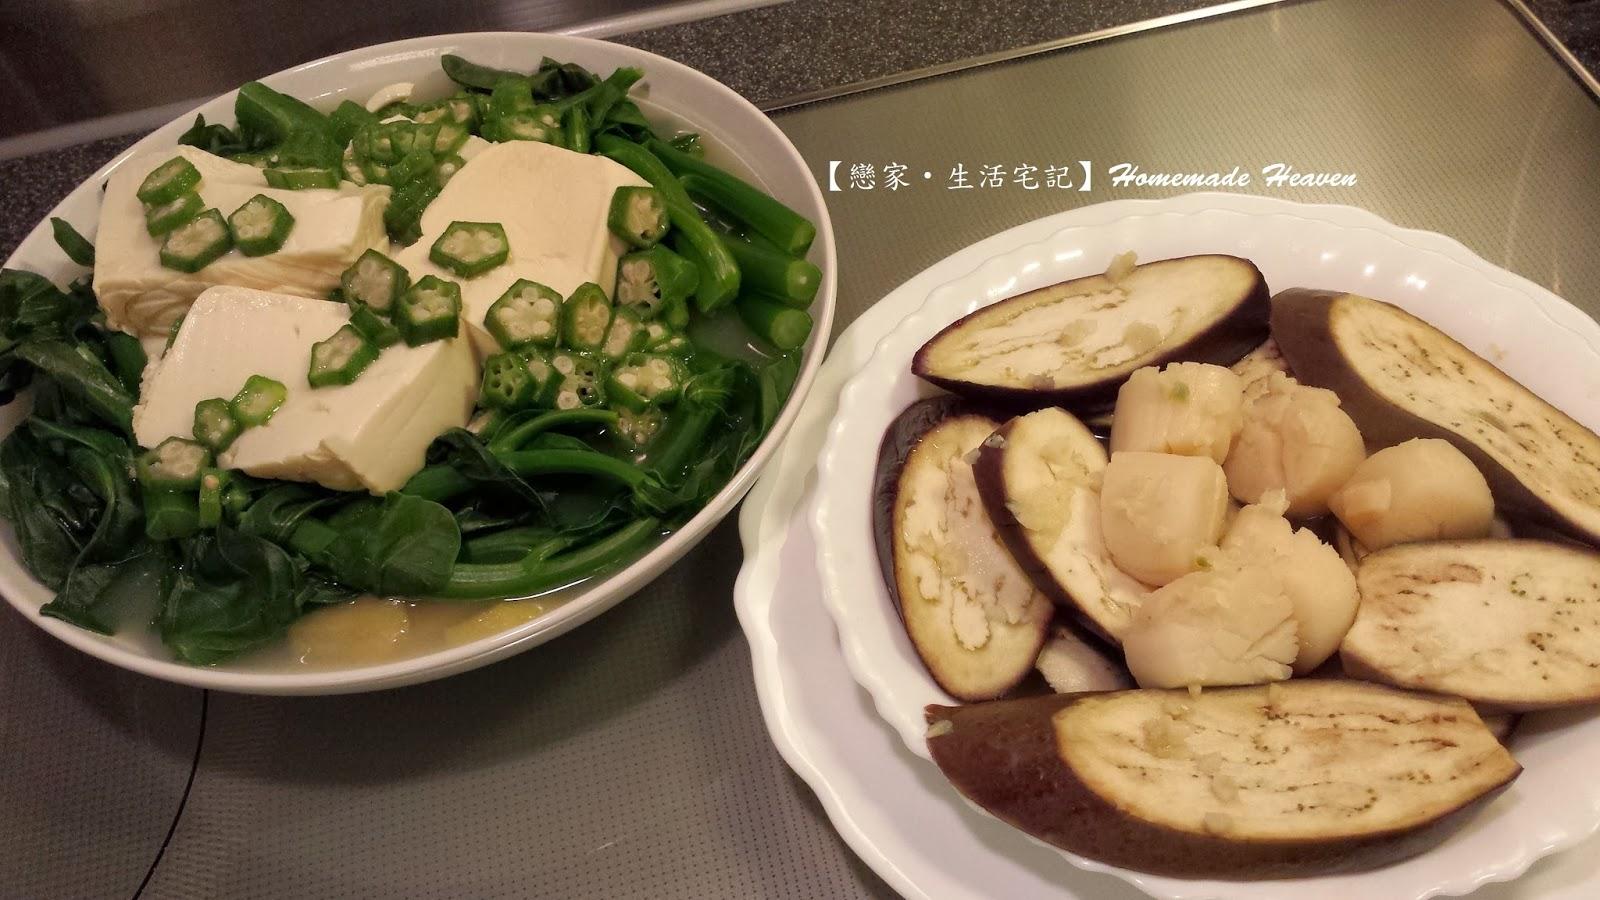 【戀家‧生活宅記】Homemade Heaven: 秋葵豆腐雜菜煱+蒜蓉帶子蒸茄子 (附食譜)